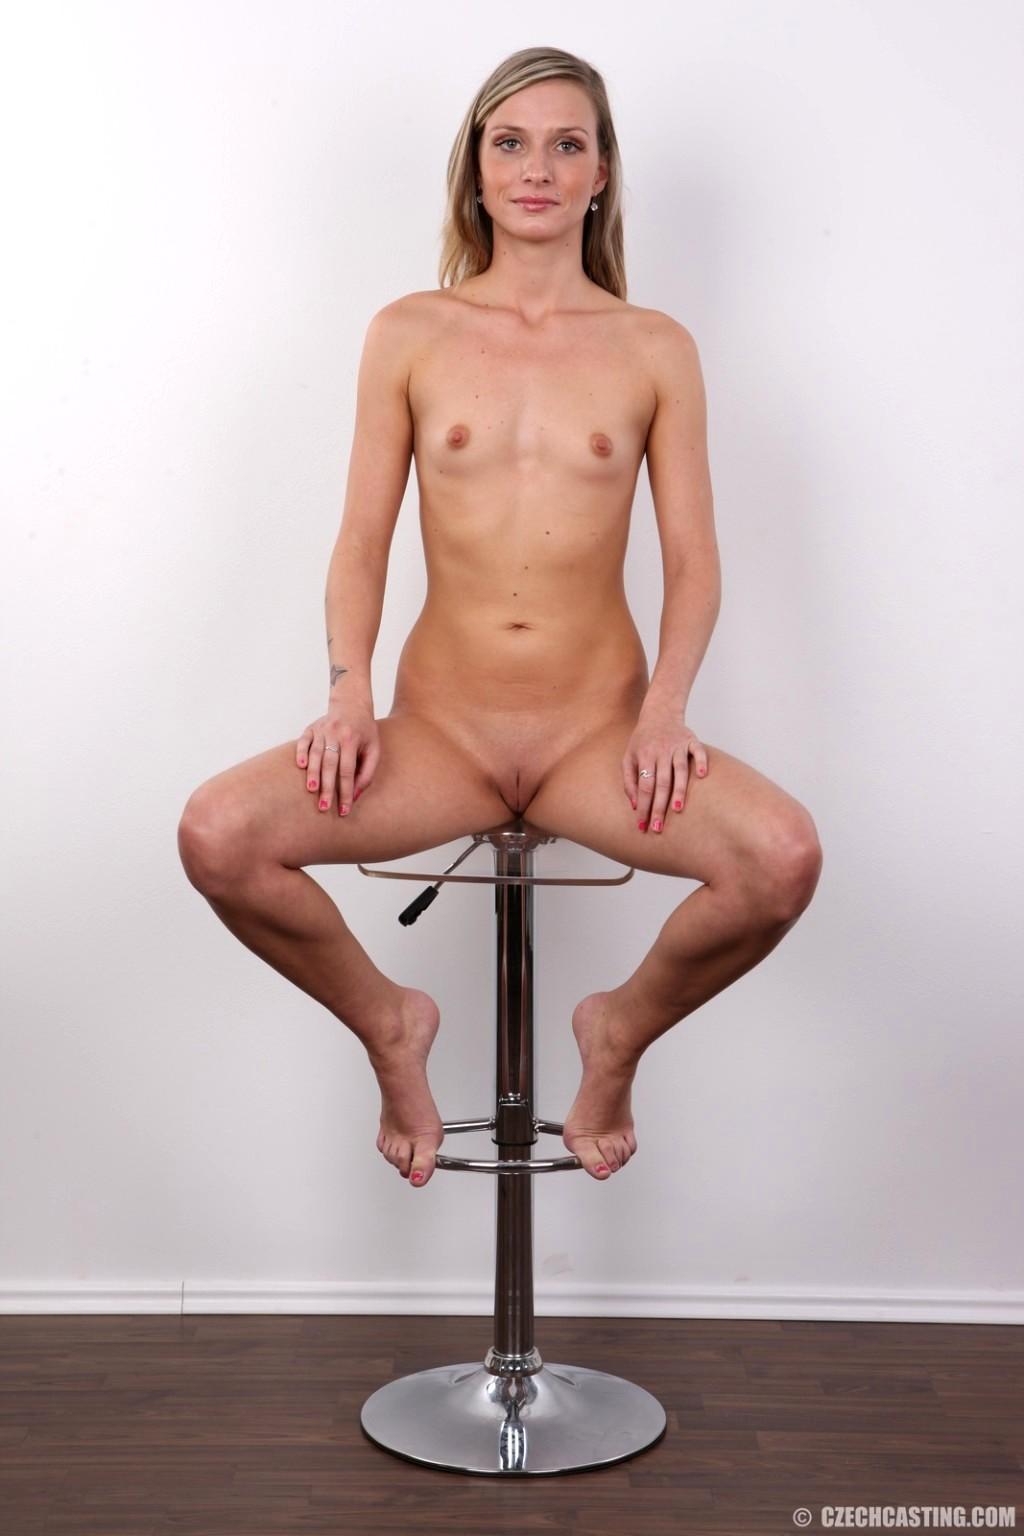 Czech pornactress girl